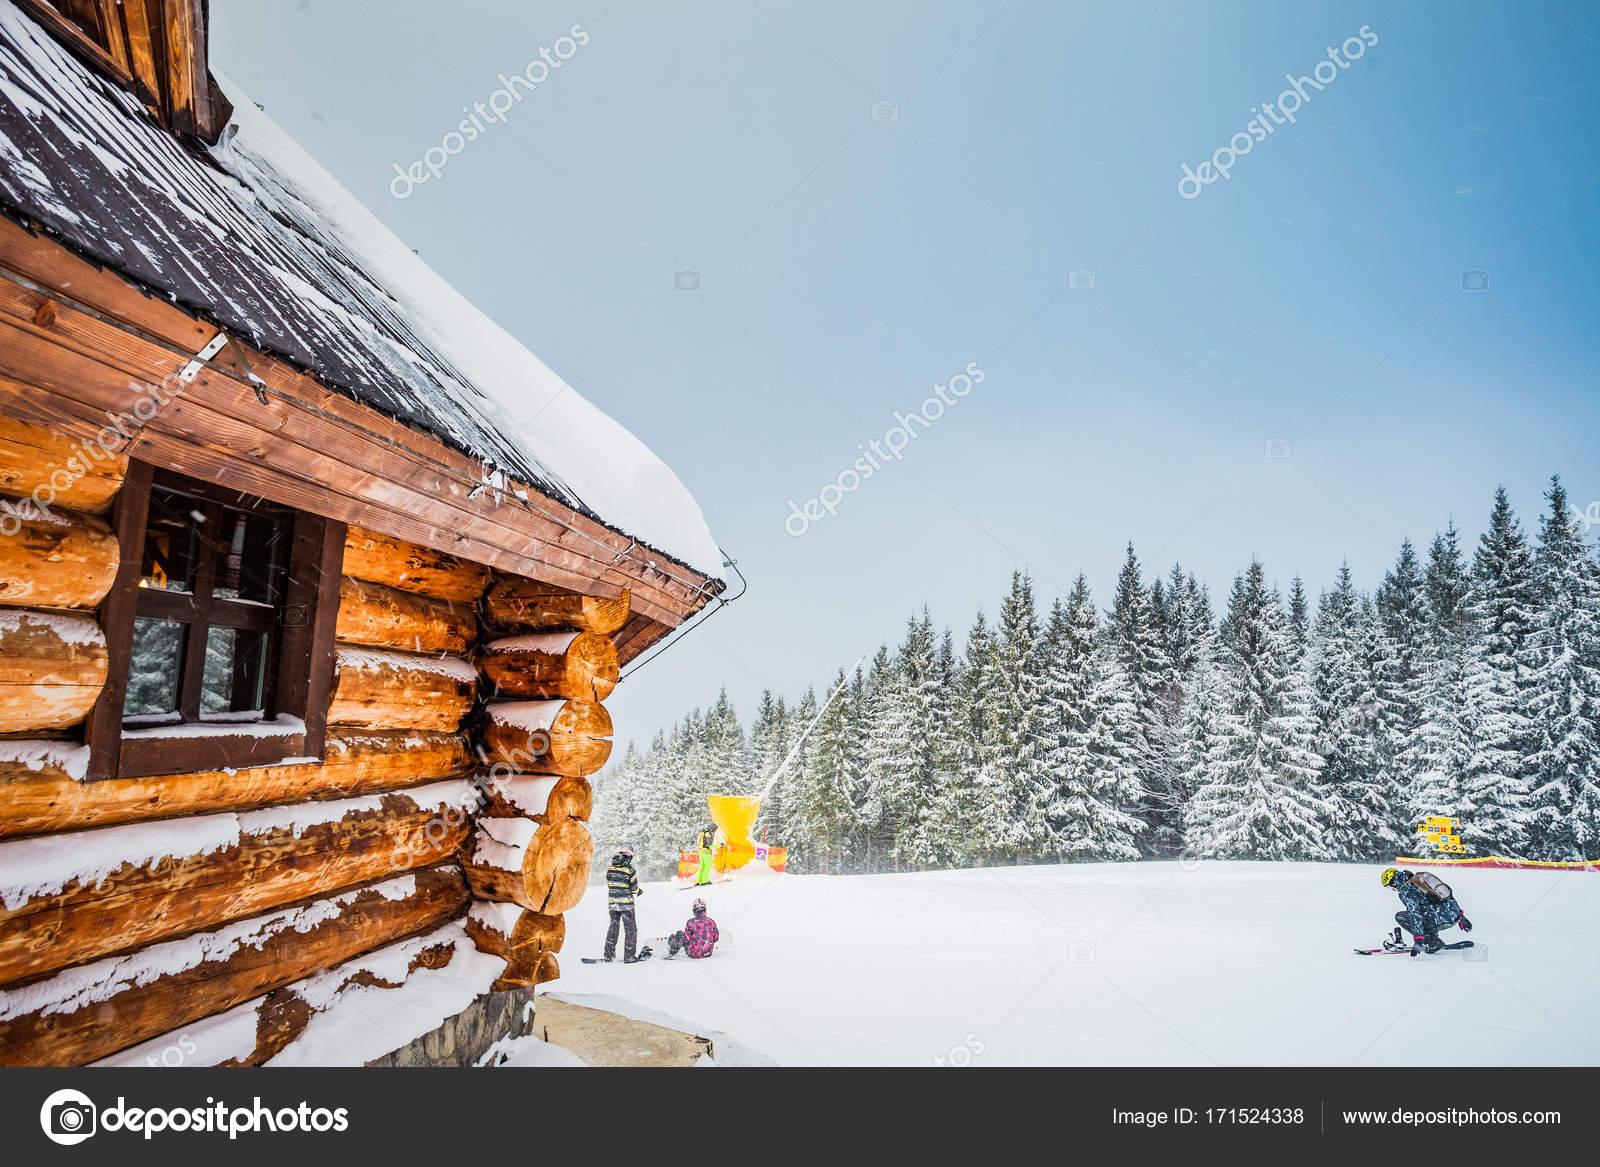 0f42278ee5 Téli pihenés nyaralás faház a hegyekben hóval. Fenyő fa erdő és a kék ég, a  háttérben. Aktív emberek ski, snowboad. Sport, kikapcsolódás.